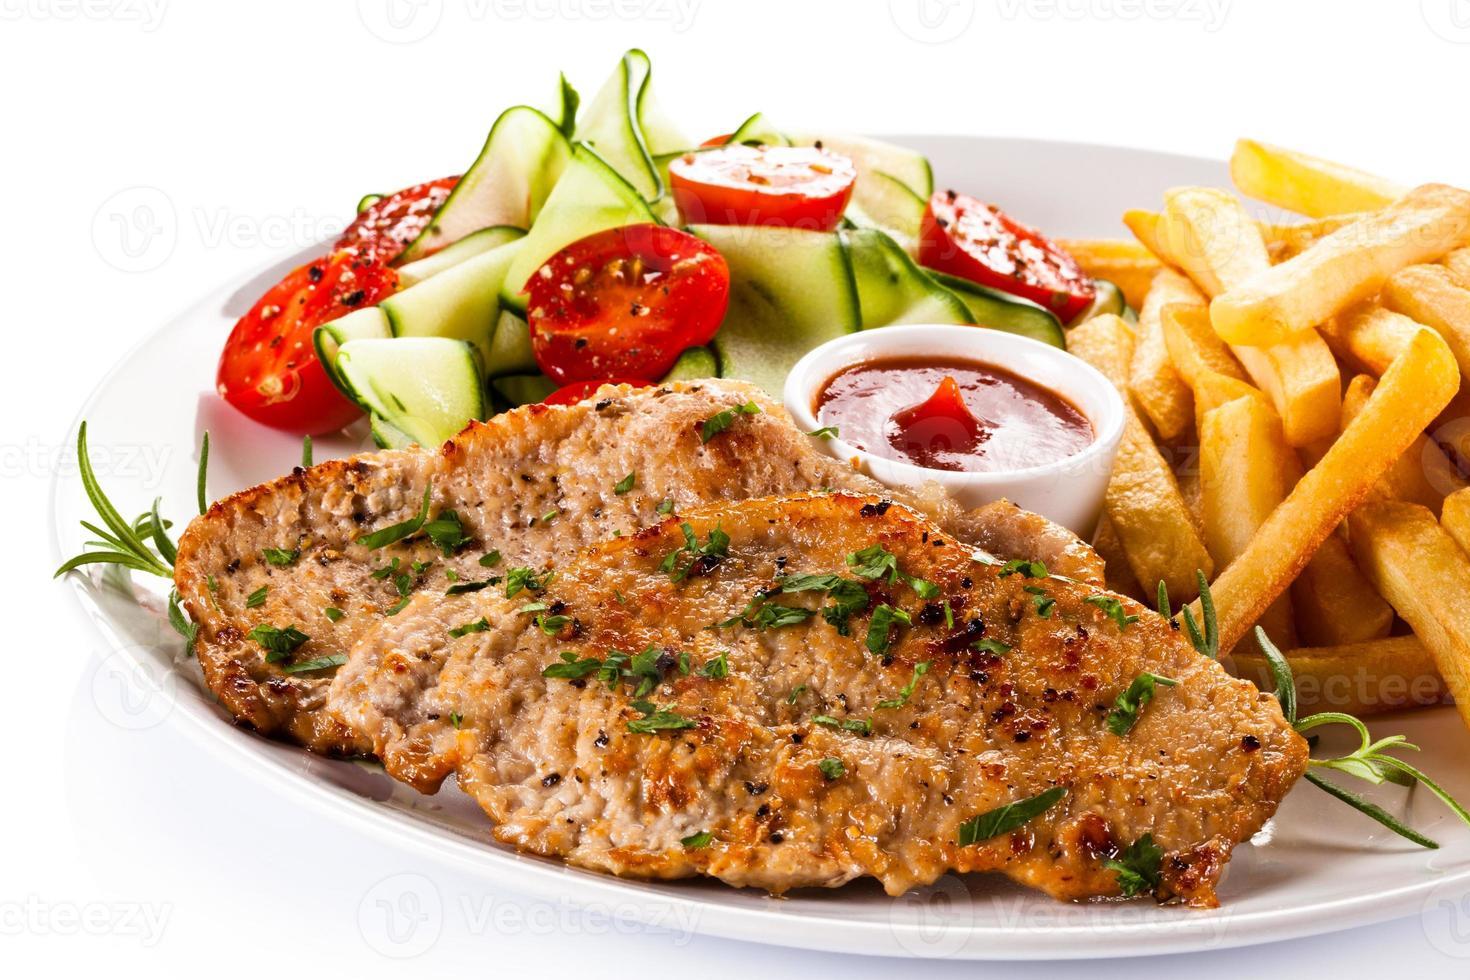 steak grillé, frites et légumes photo